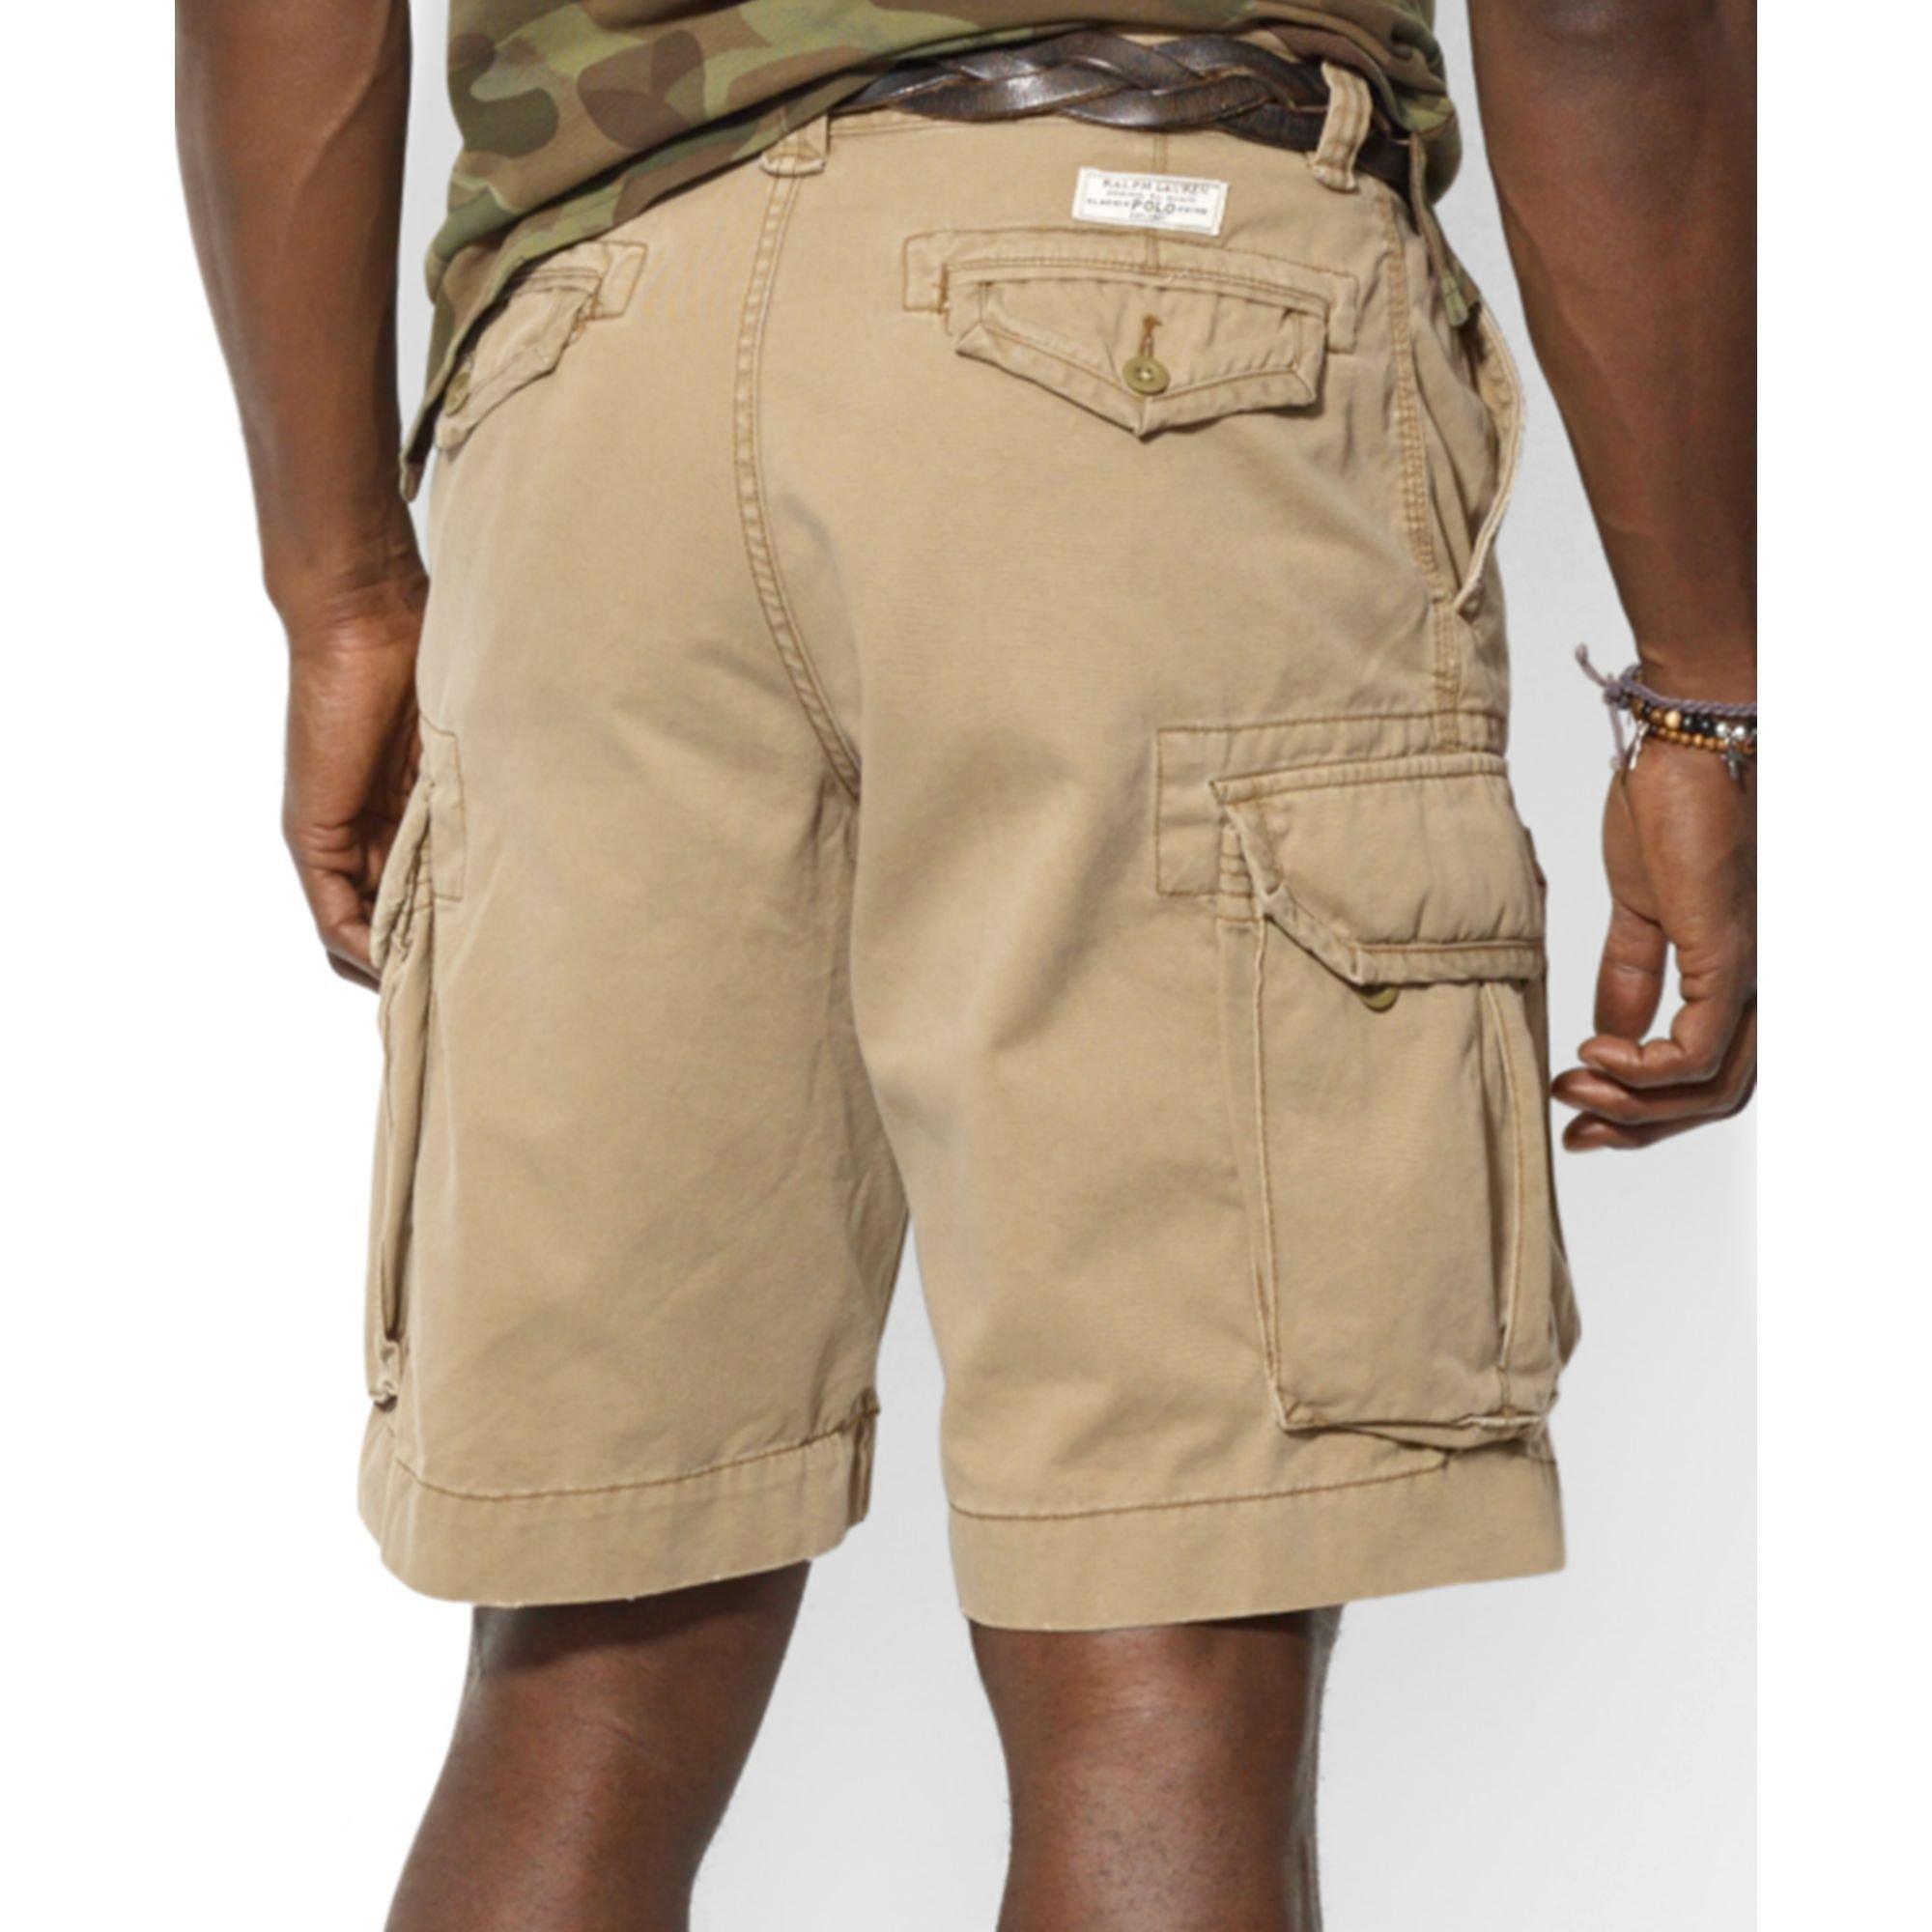 Shorts Polo Cargo 36755 Good 9526a pMVGqzSU